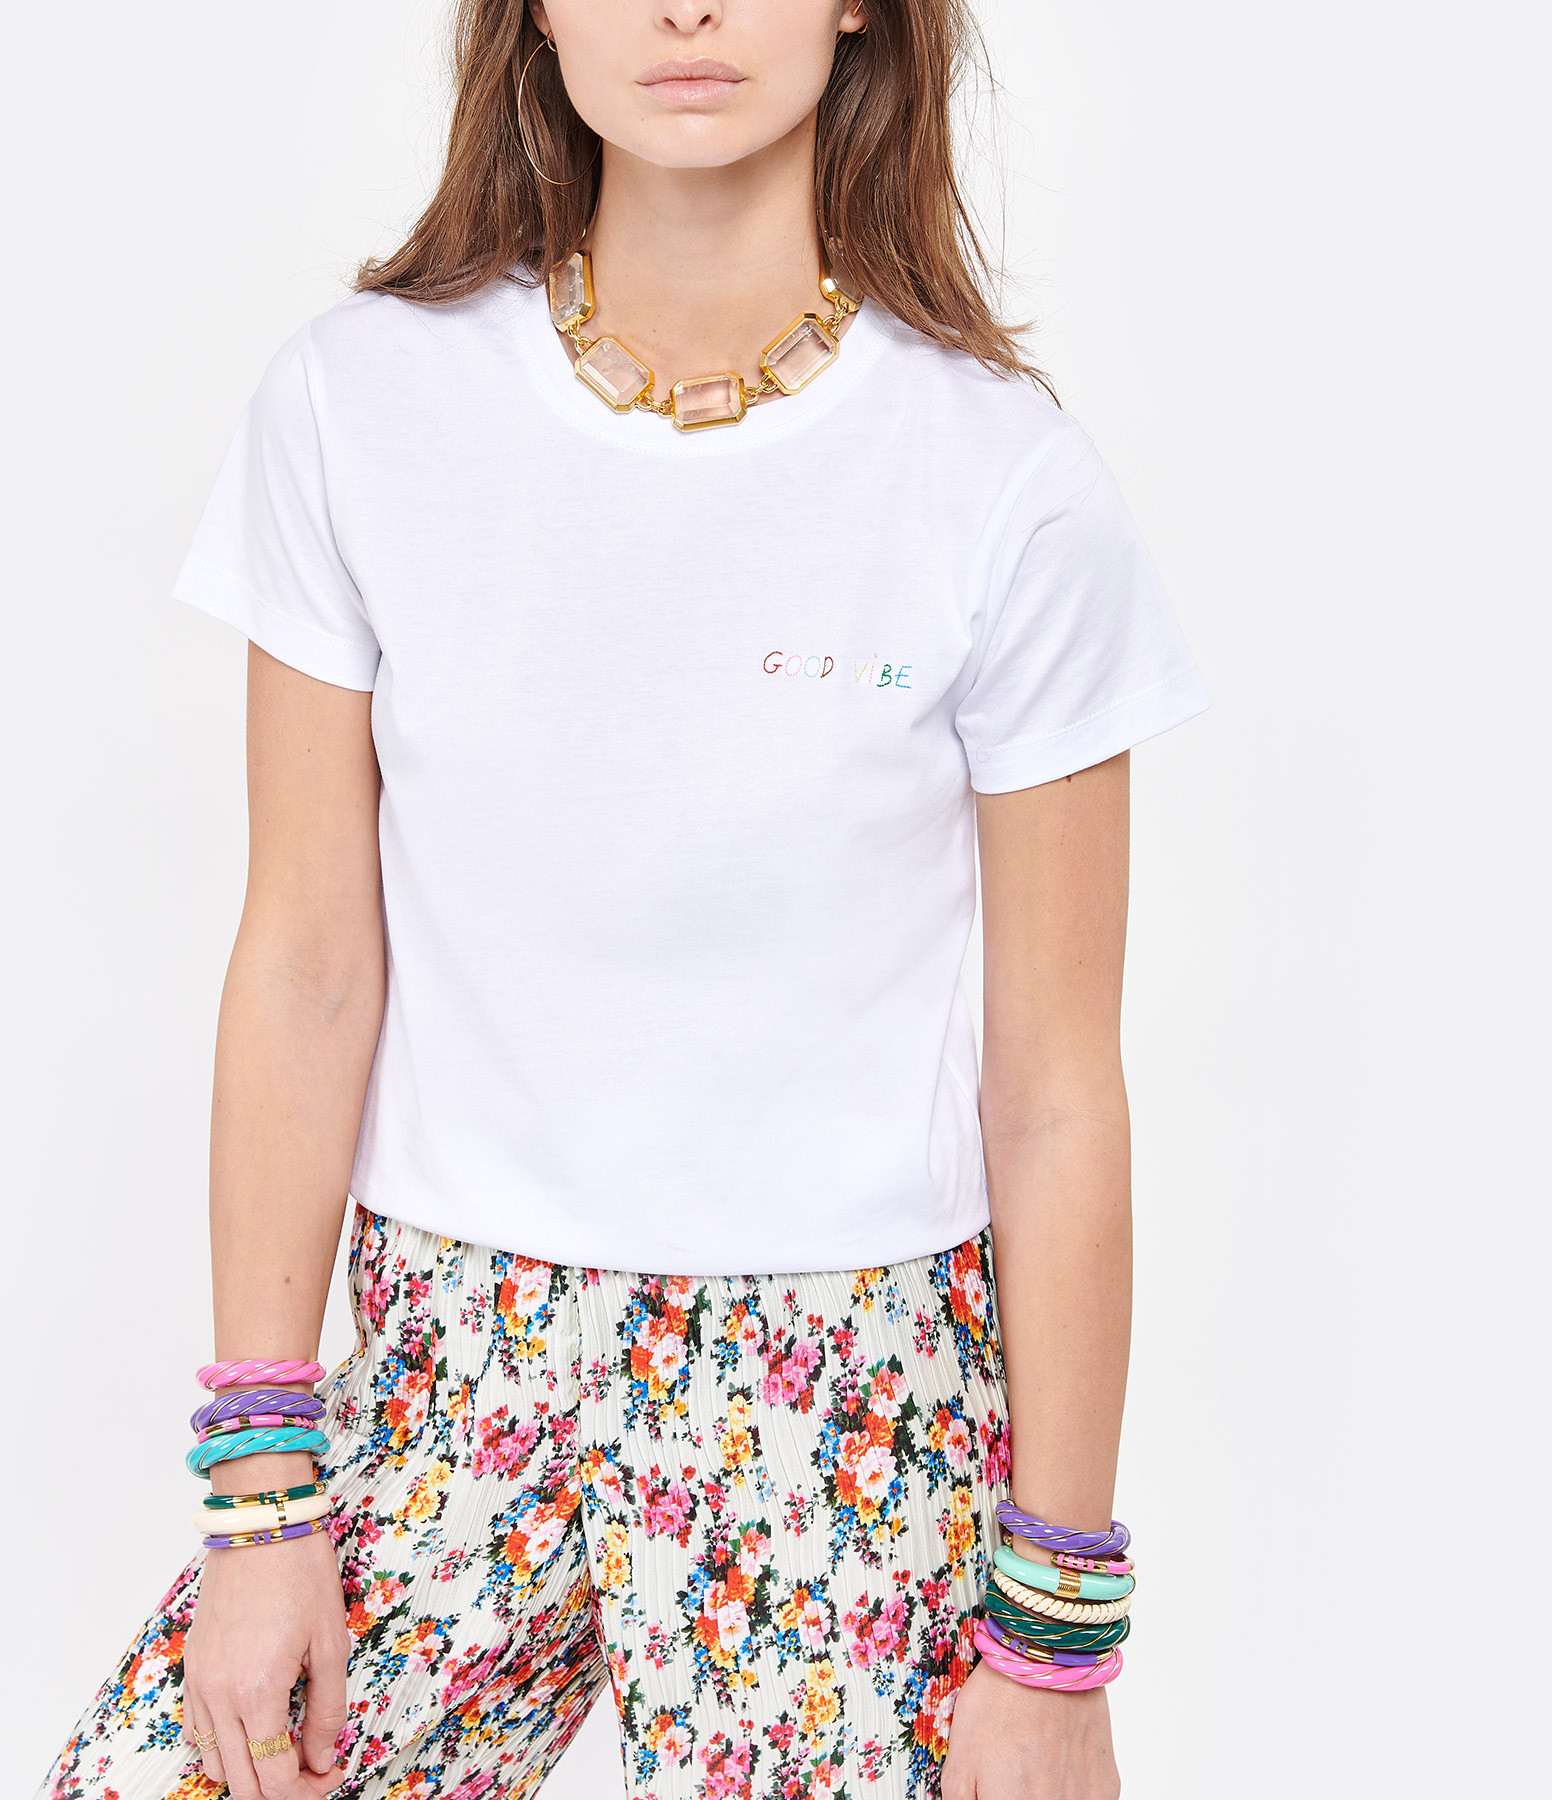 MAISON LABICHE - Tee-shirt Good Vibe Coton Biologique Blanc